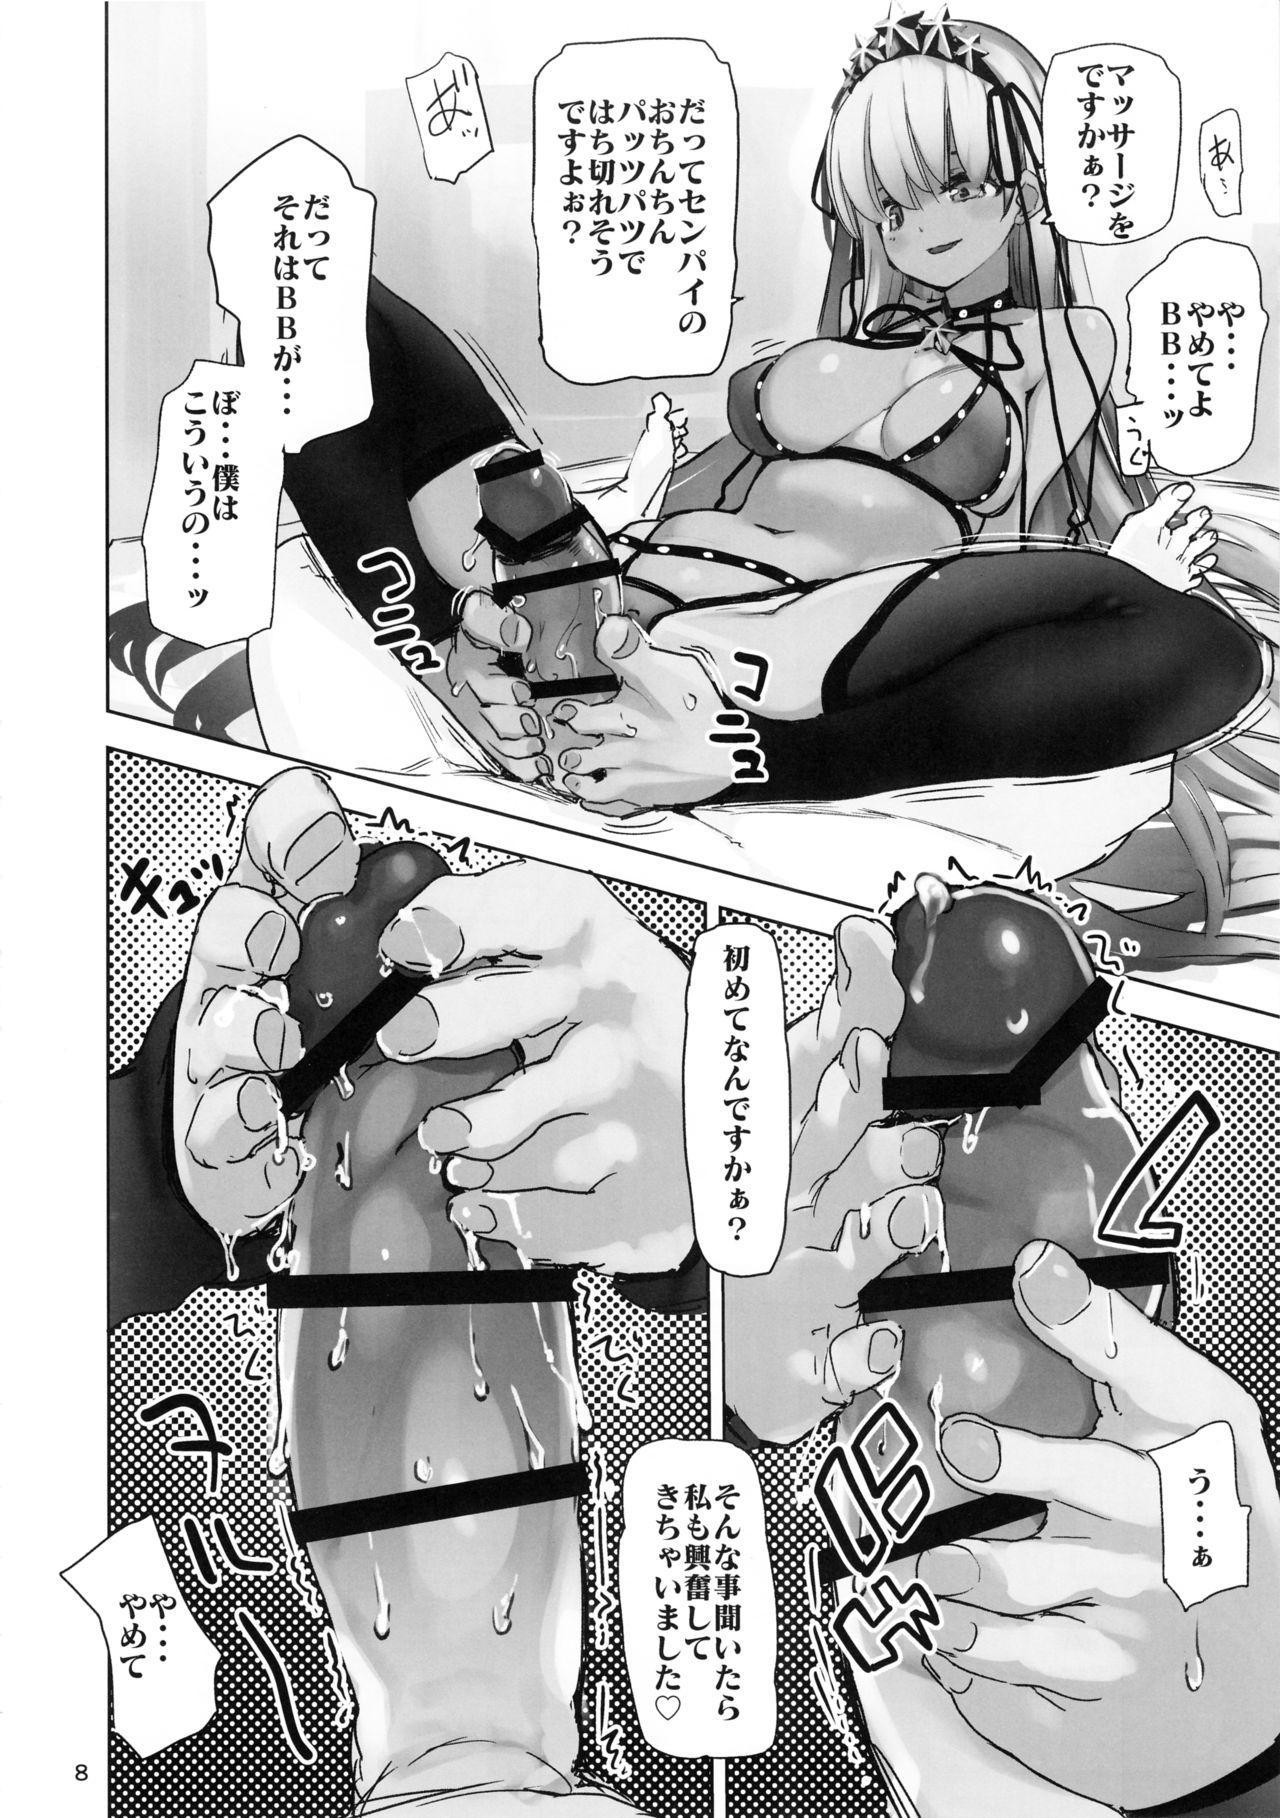 Tokoshie Seven 6